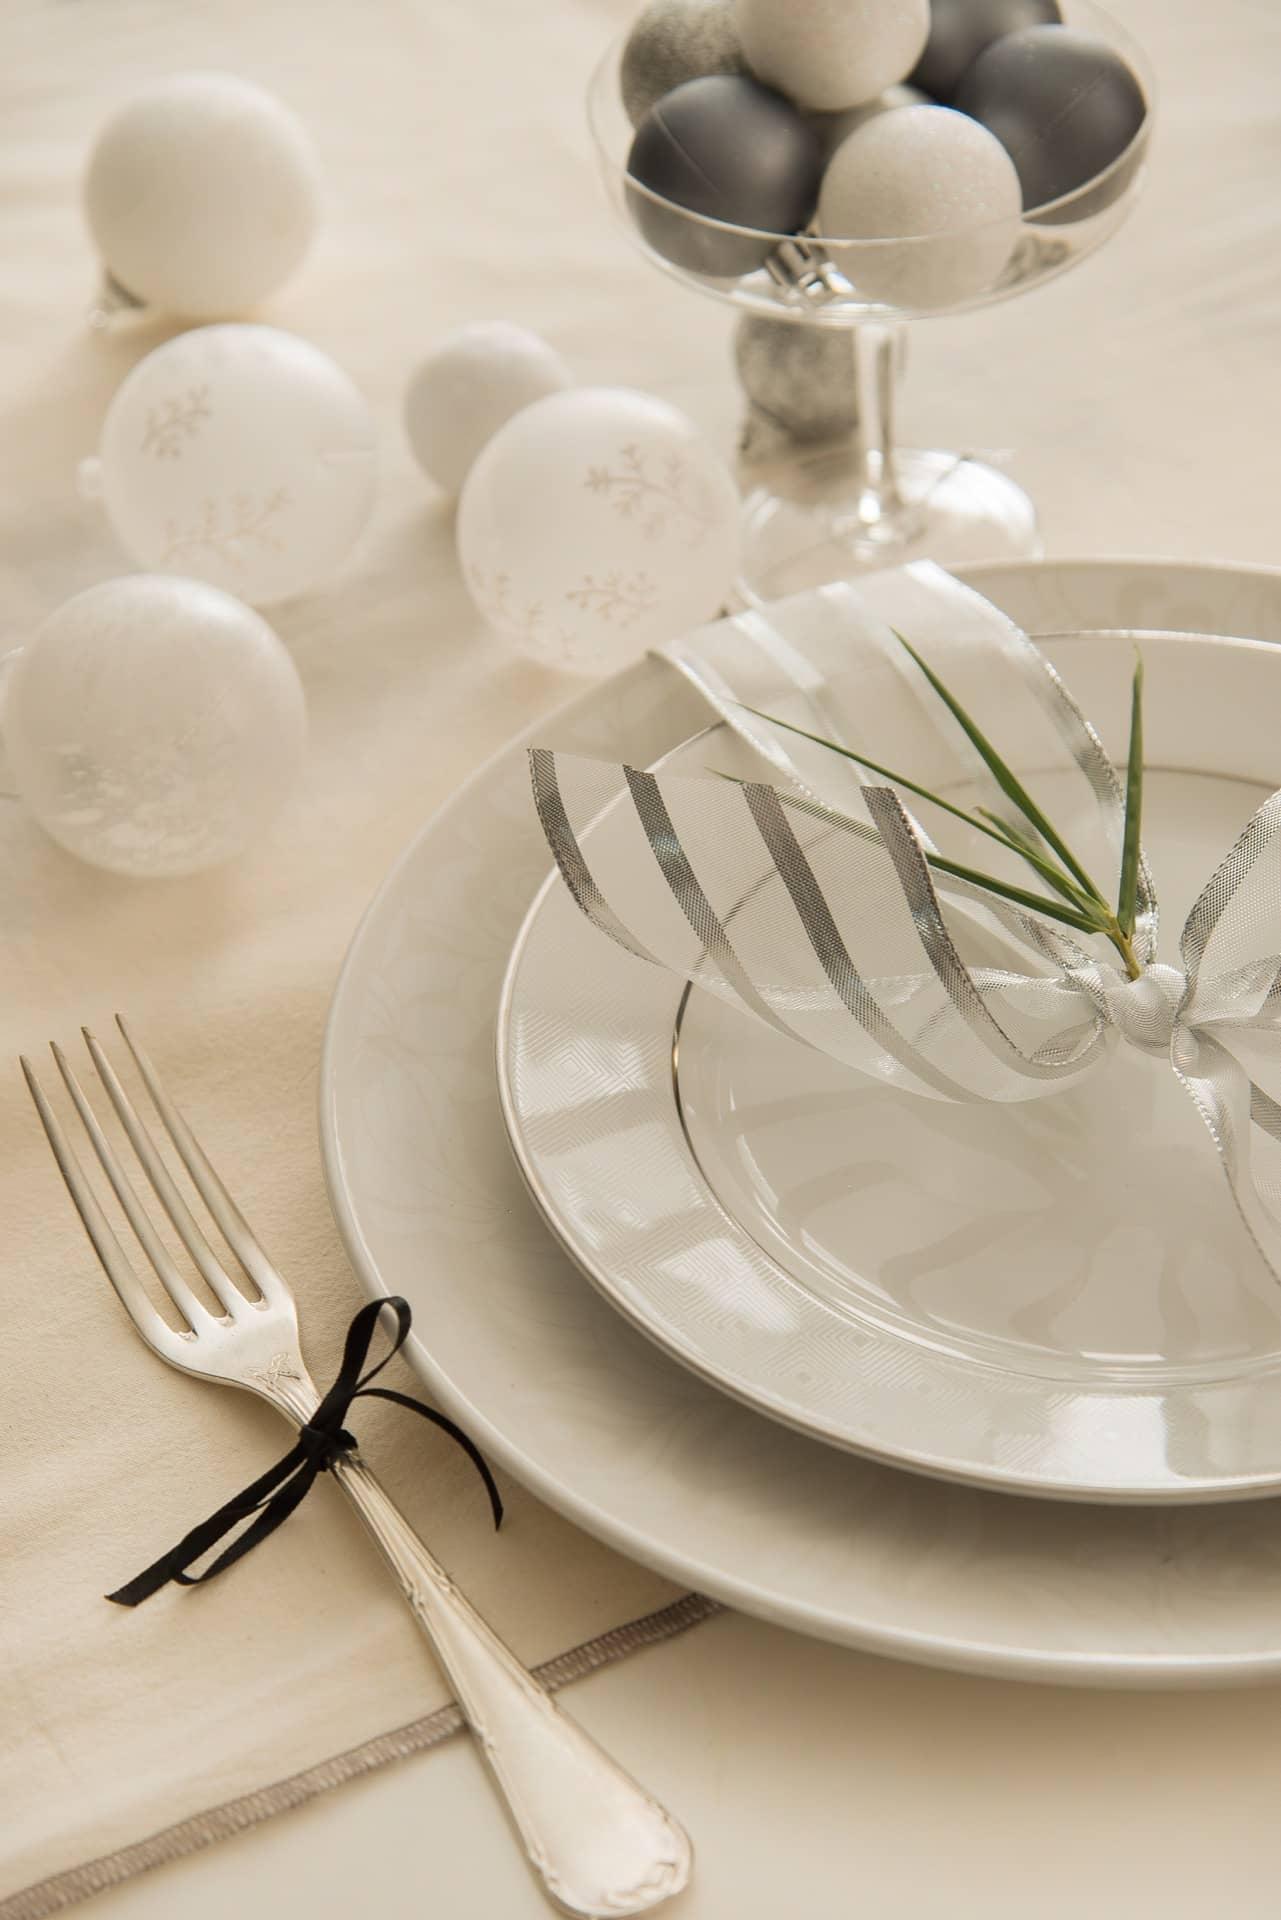 Imagem: Até o garfo vem com roupa de festa: um laço de fita bem fininha. Algumas bolas natalinas ficam soltas sobre a mesa, para dar um ar descontraído. Foto: Cacá Bratke.